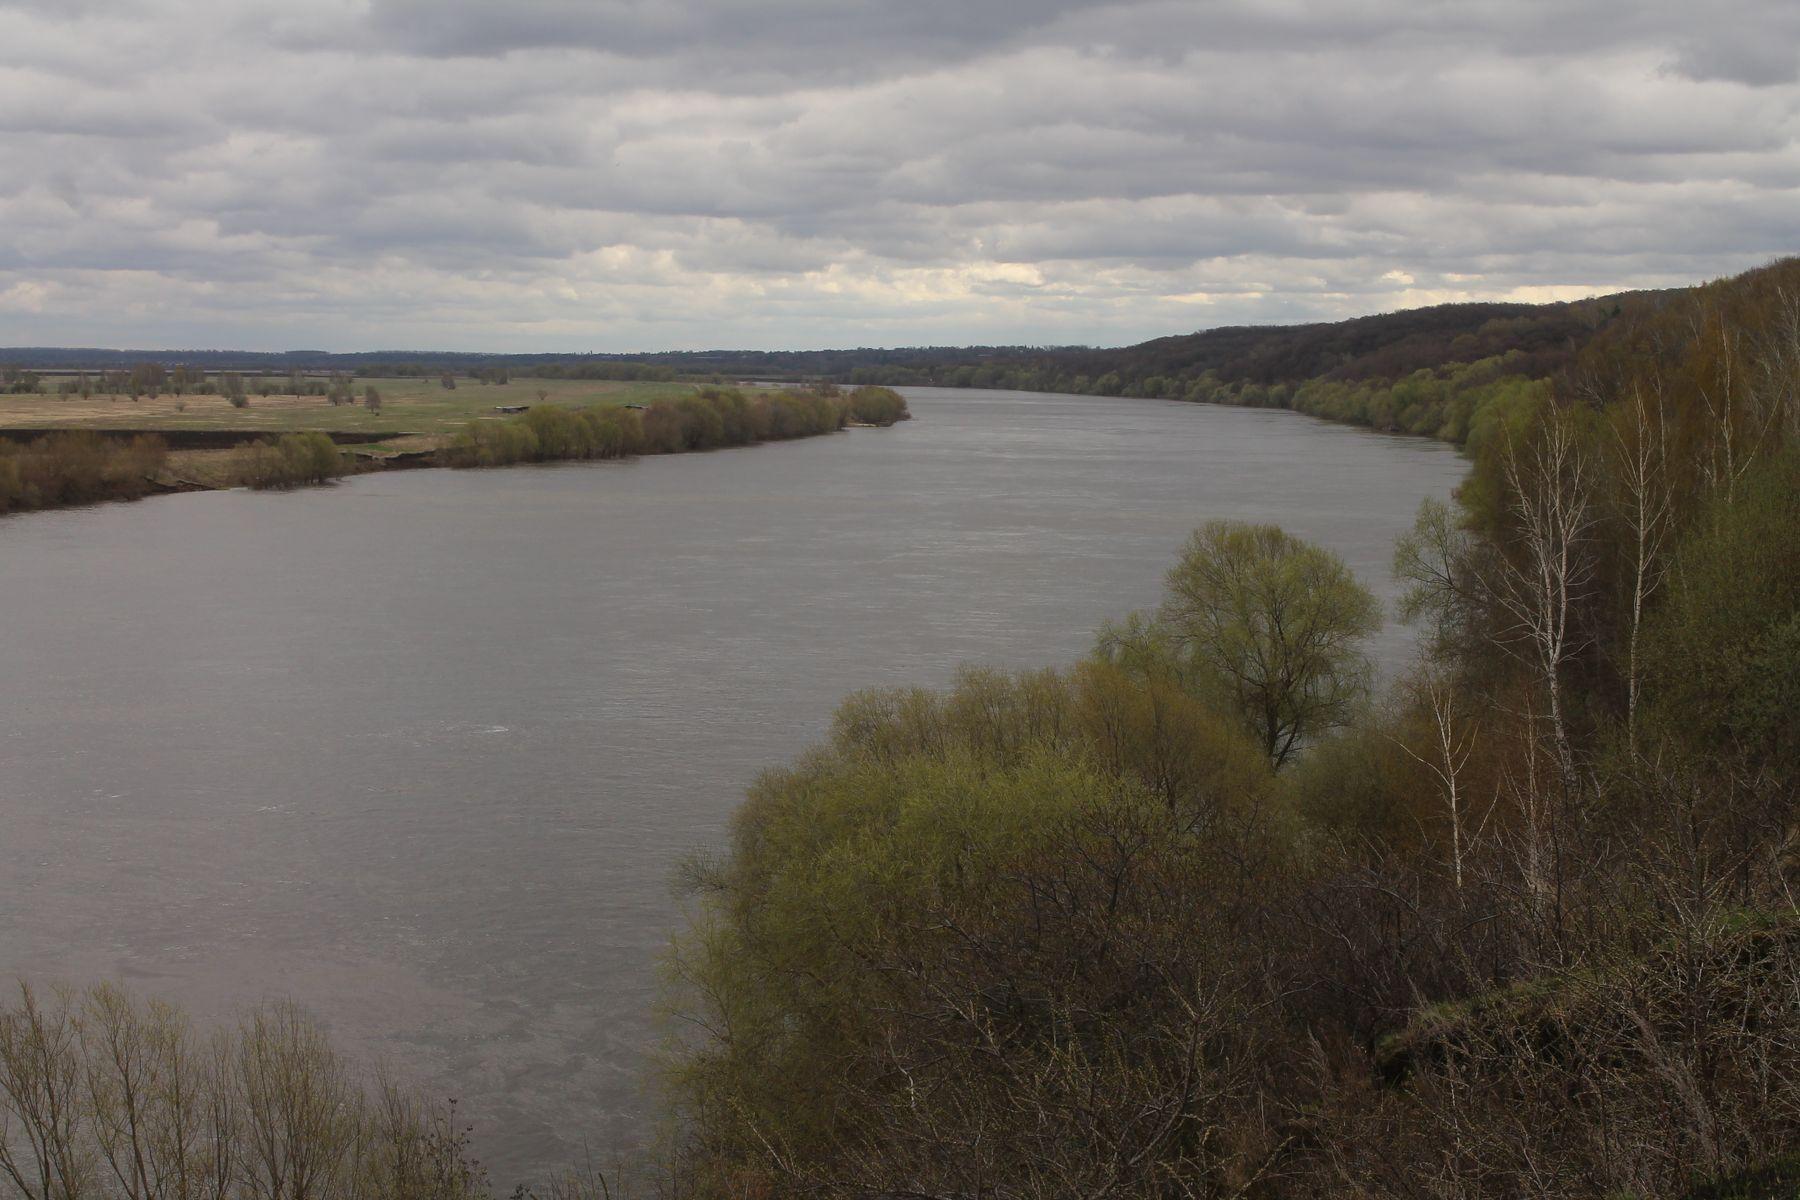 река Ока в Луховицком районе (Московская область) Подмосковье Весна Луховицы